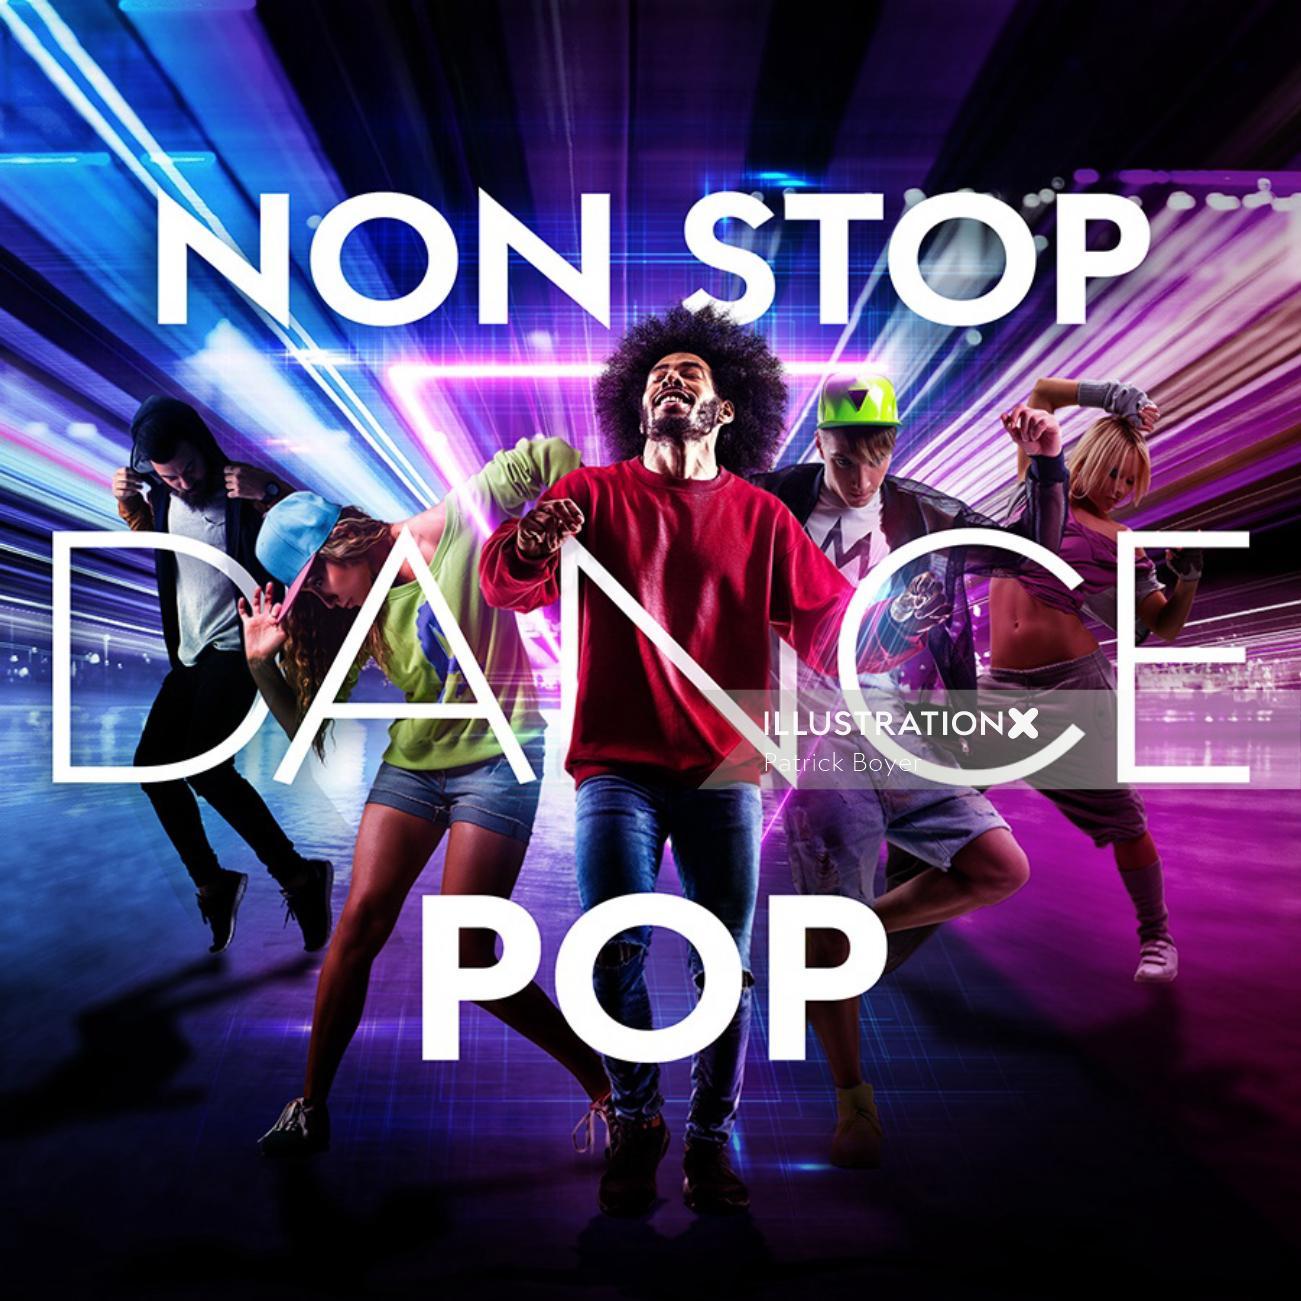 Pop Nonstop Dance